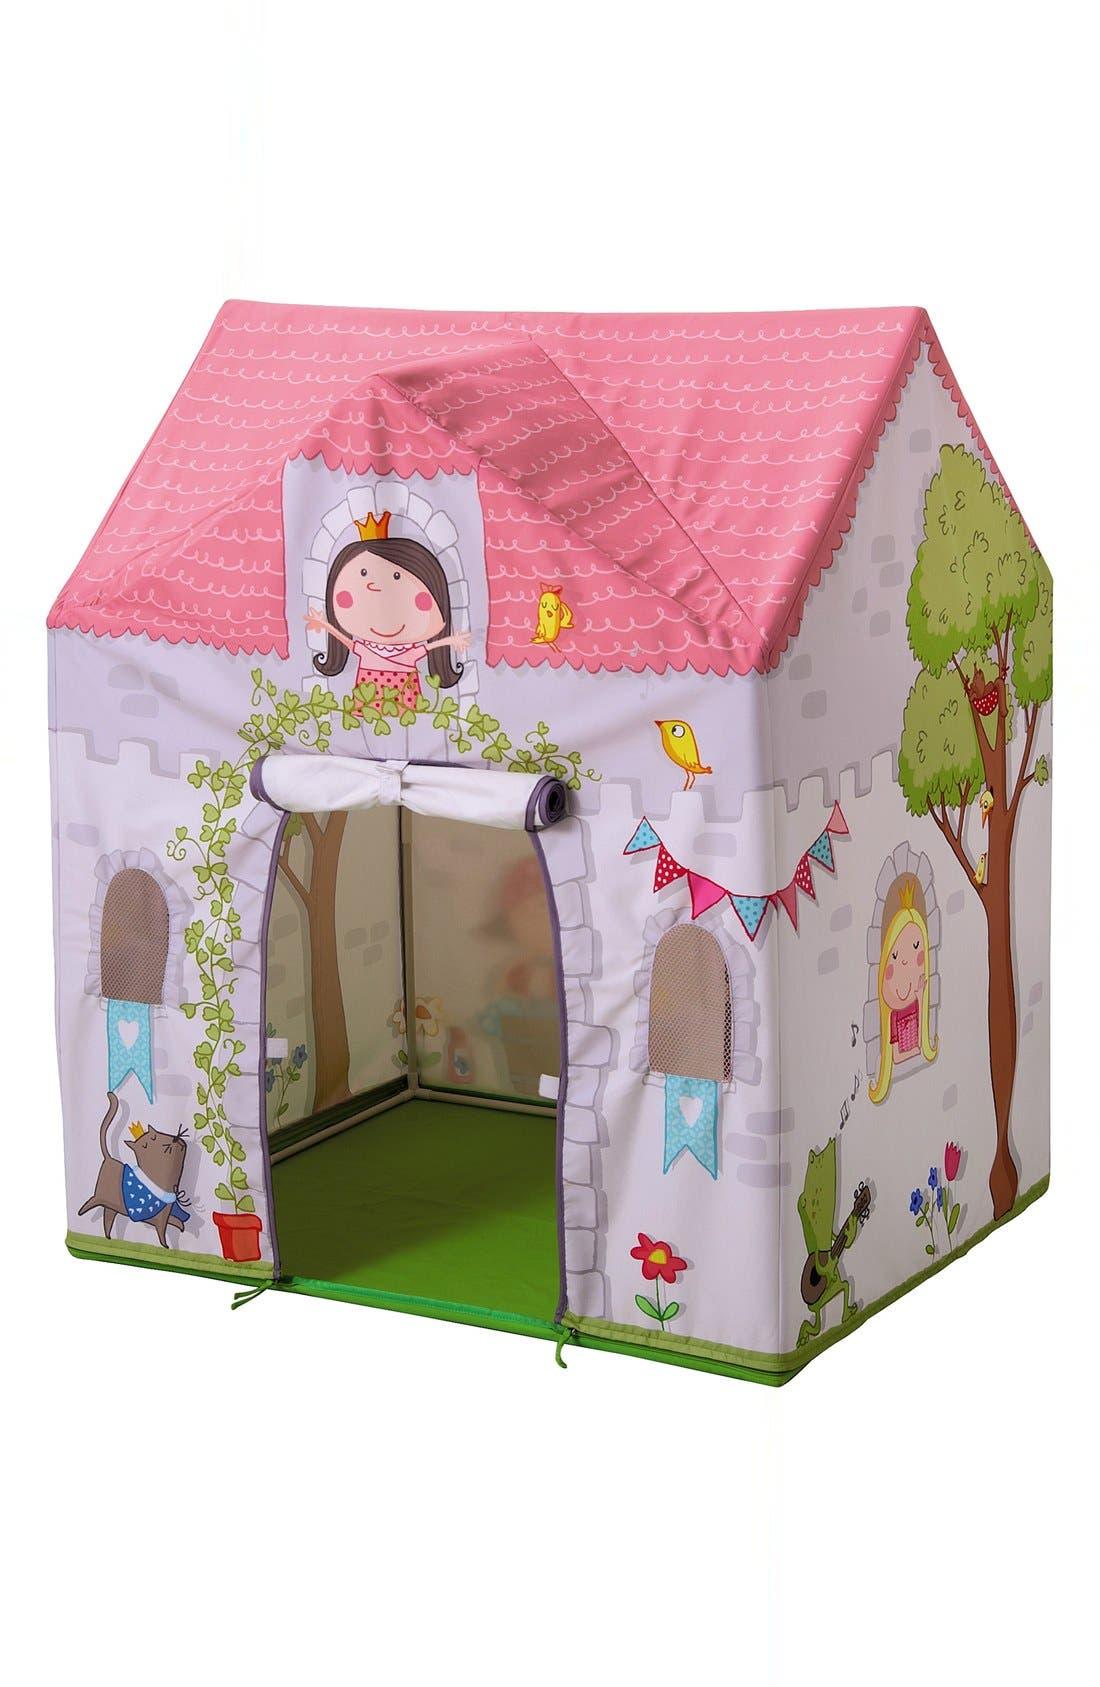 Main Image - HABA 'Princess Rosalina' Play Tent